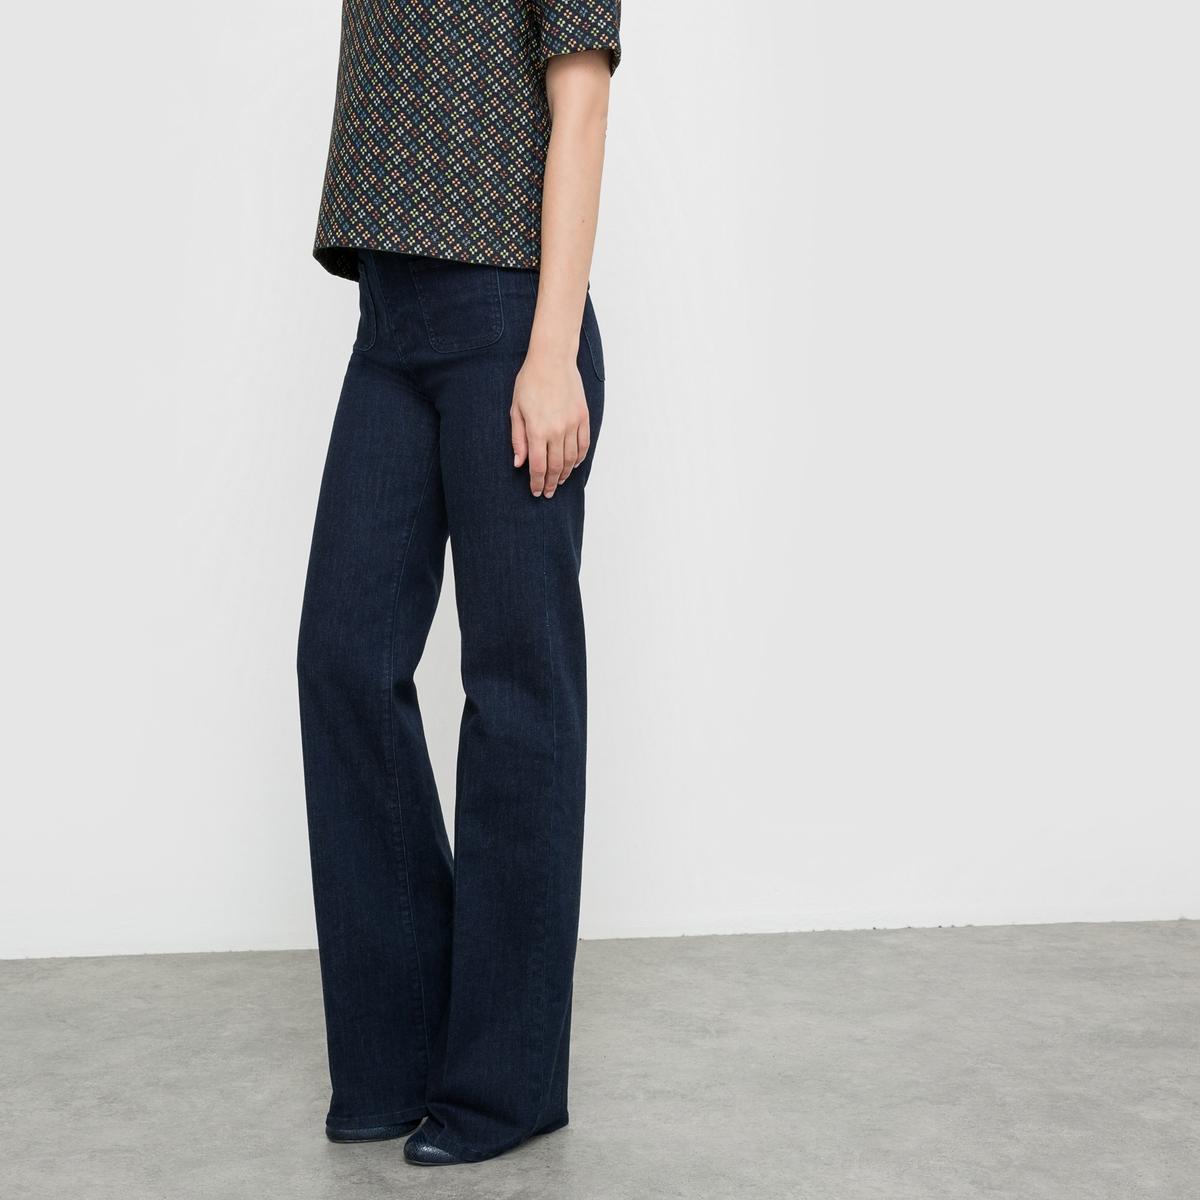 Джинсы расклешенные с высокой талией джинсы женские с высокой талией